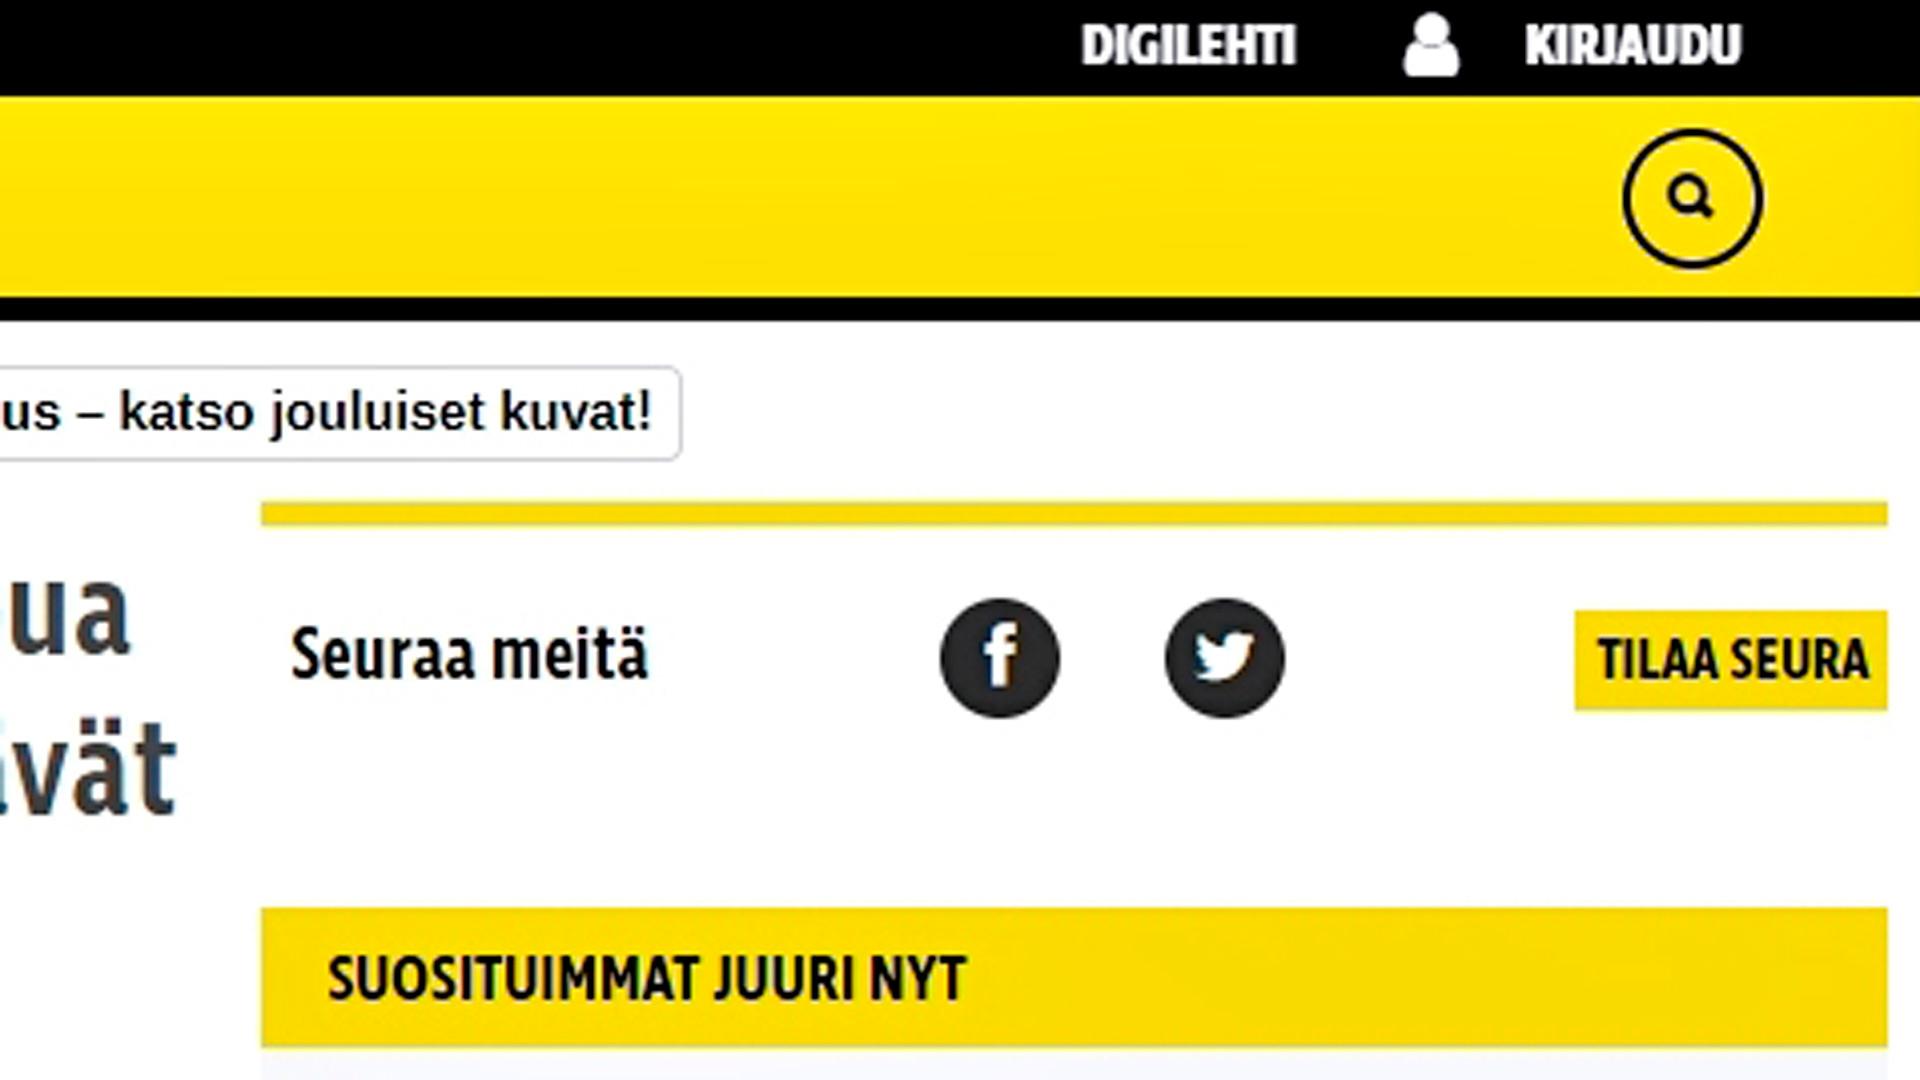 """Ylänavigaation oikealta kohta """"Digilehti"""" ja """"Kirjaudu""""."""